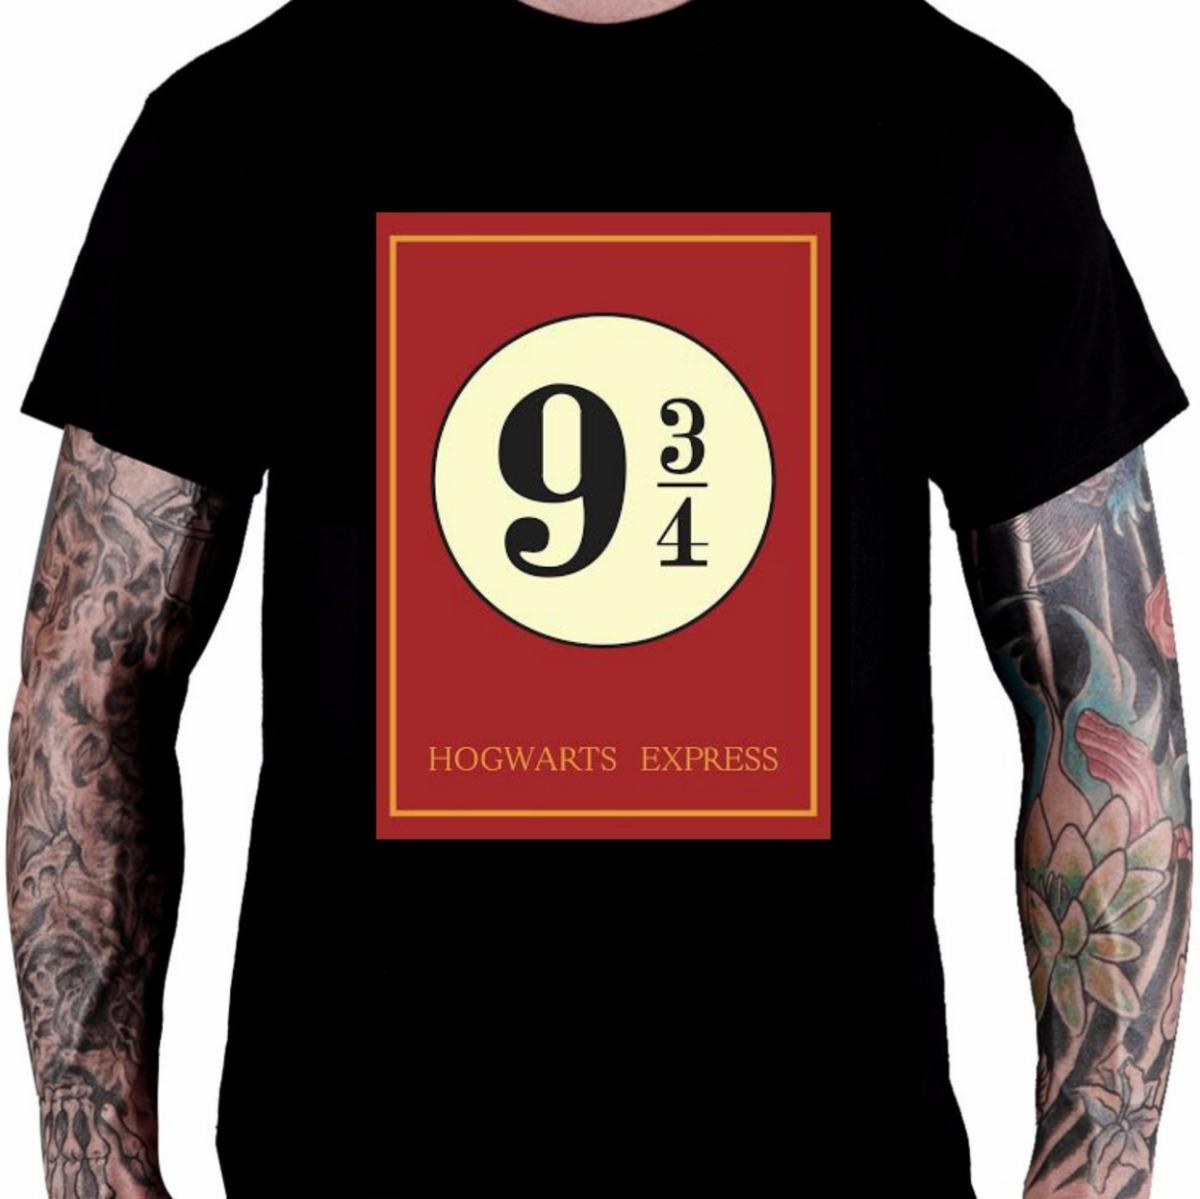 e06e1ce3d camiseta camisa harry poter hogwarts express 9 3/4 trem d90. Carregando  zoom.